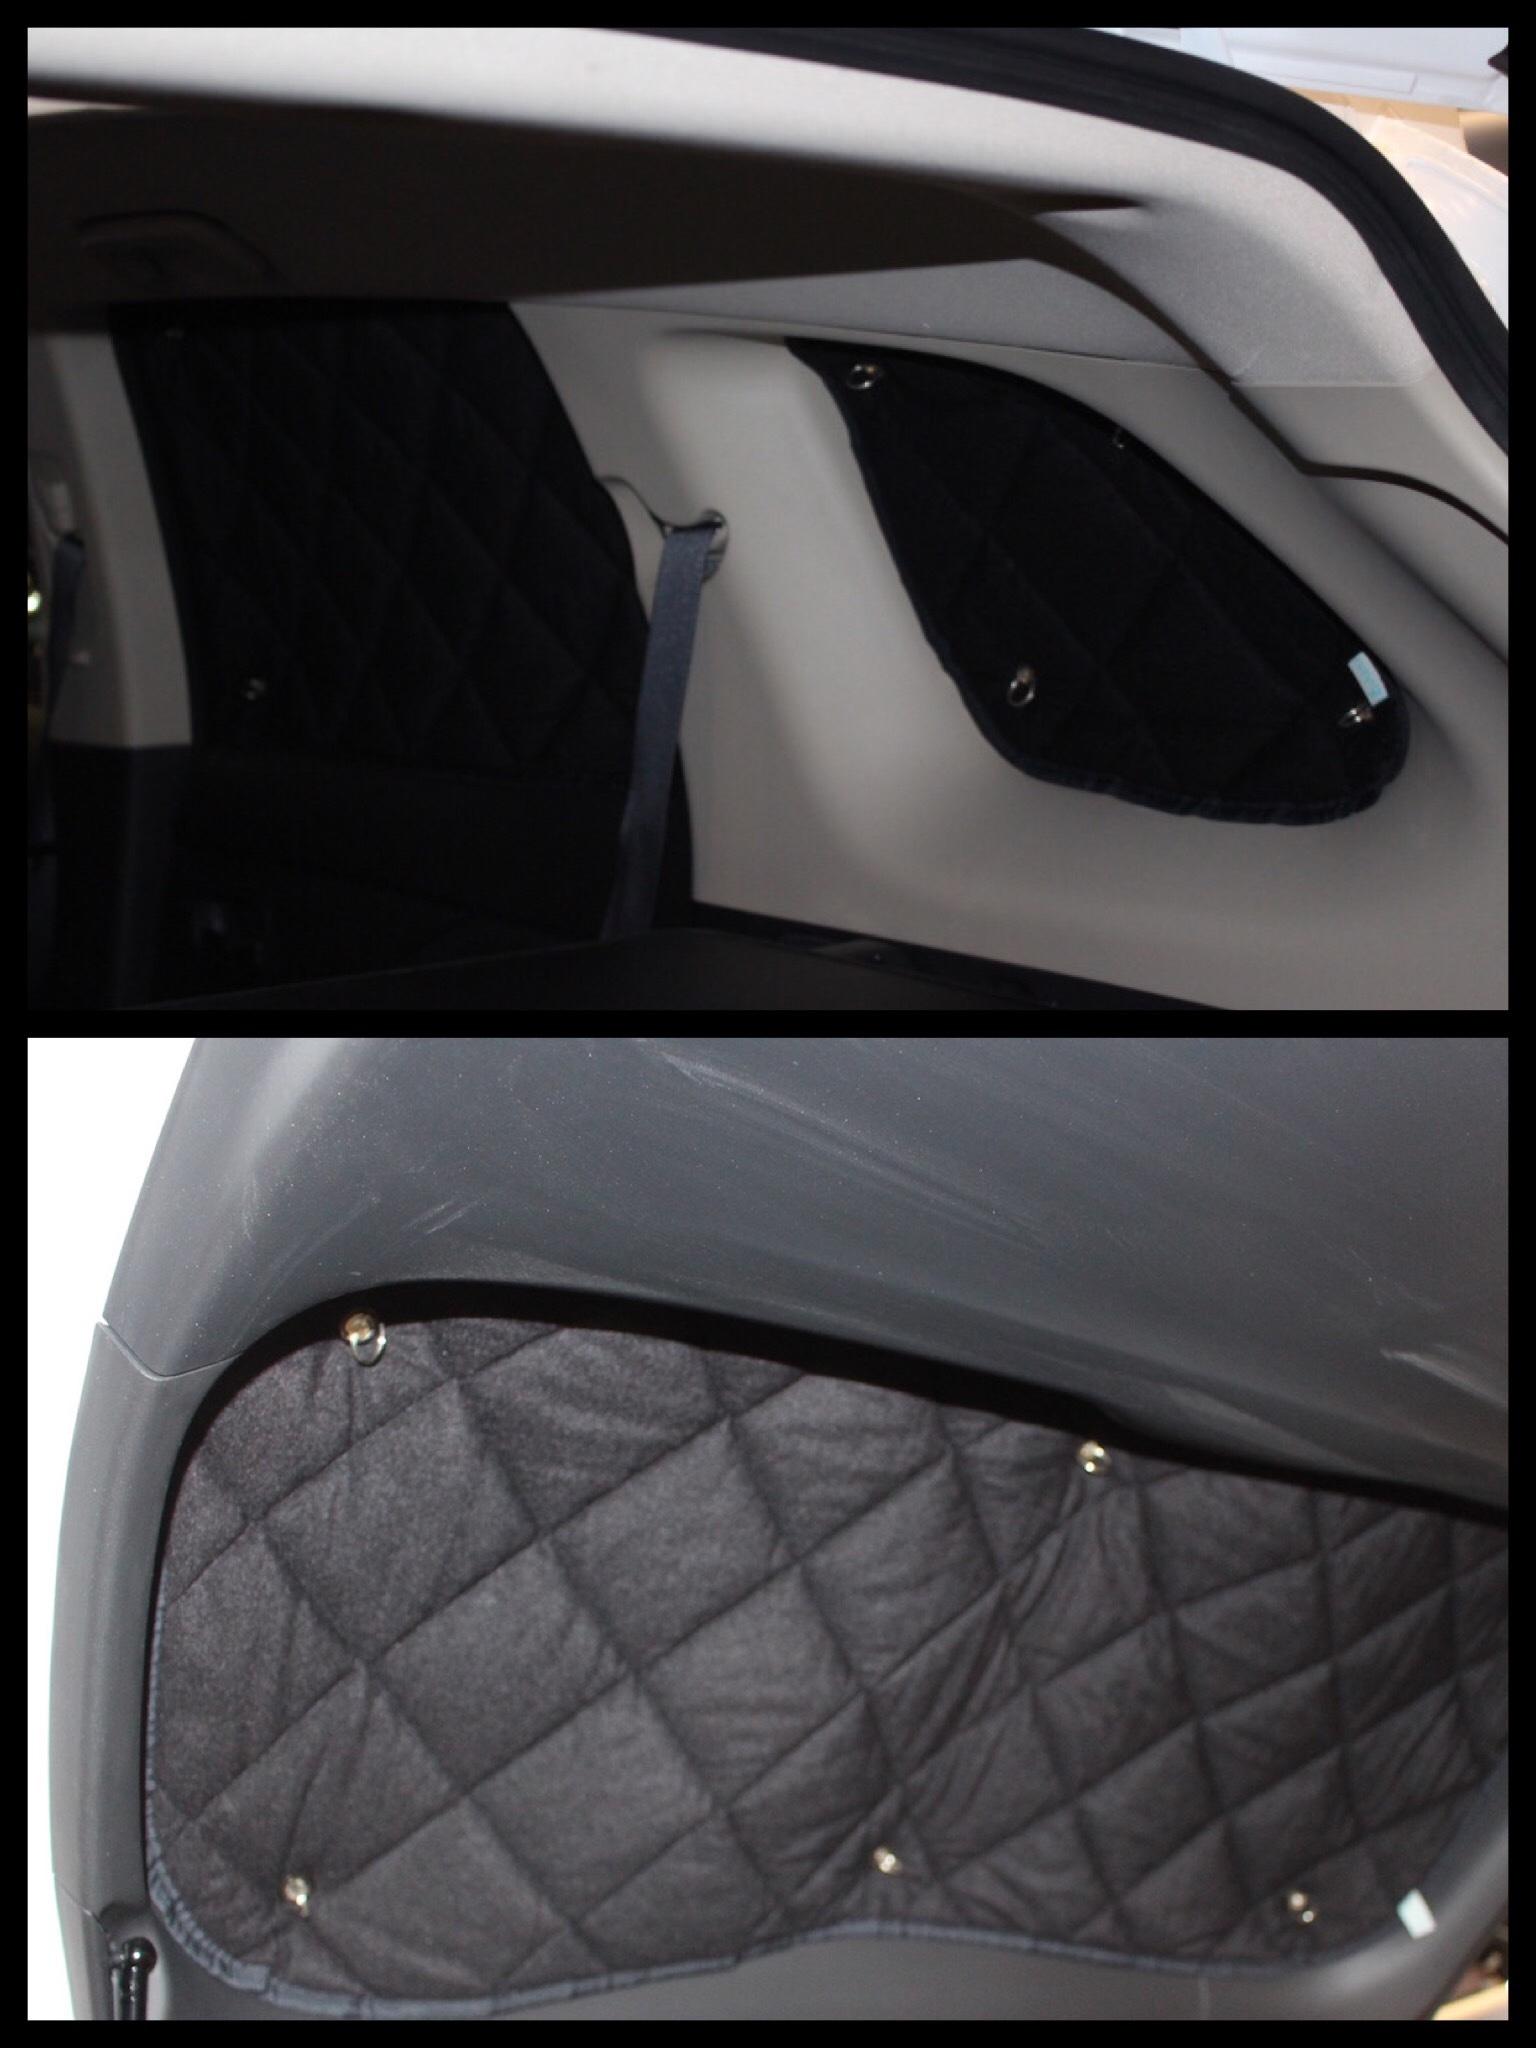 三菱アウトランダーPHEV ポップアップ仕様 キャンピングカー 西尾張三菱